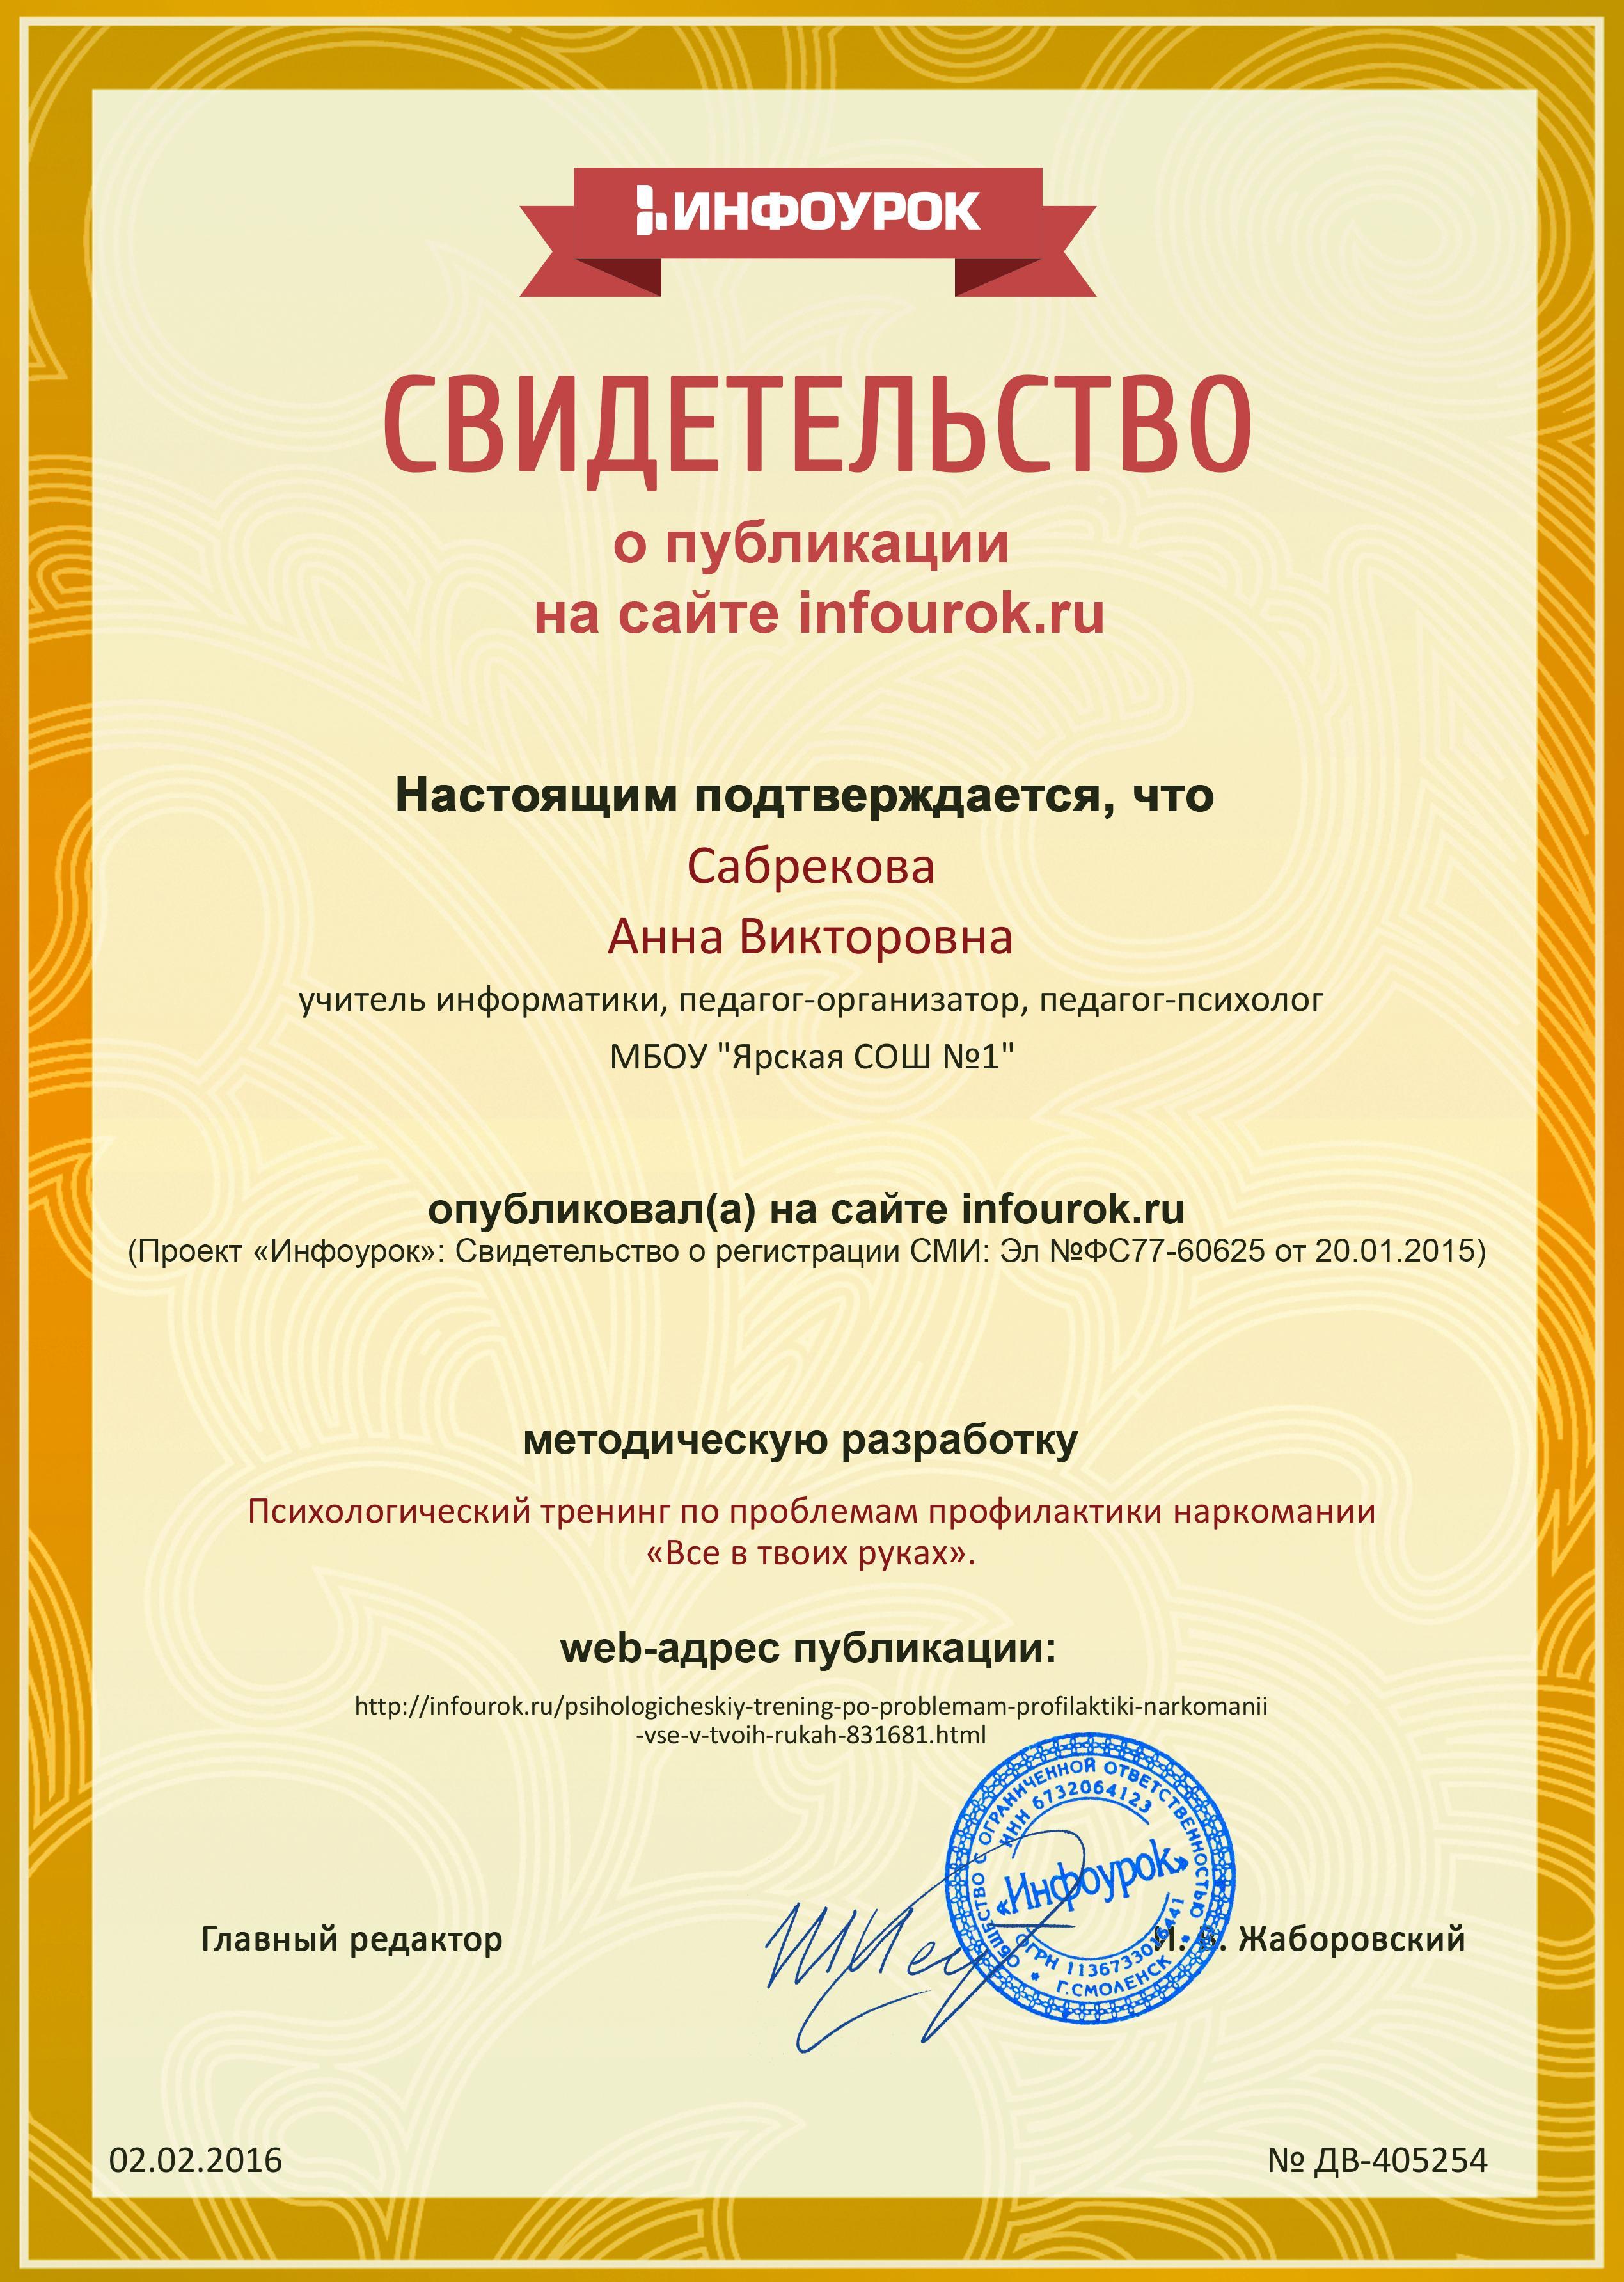 F:\Сертификат проекта infourok.ru № ДВ-405254.jpg